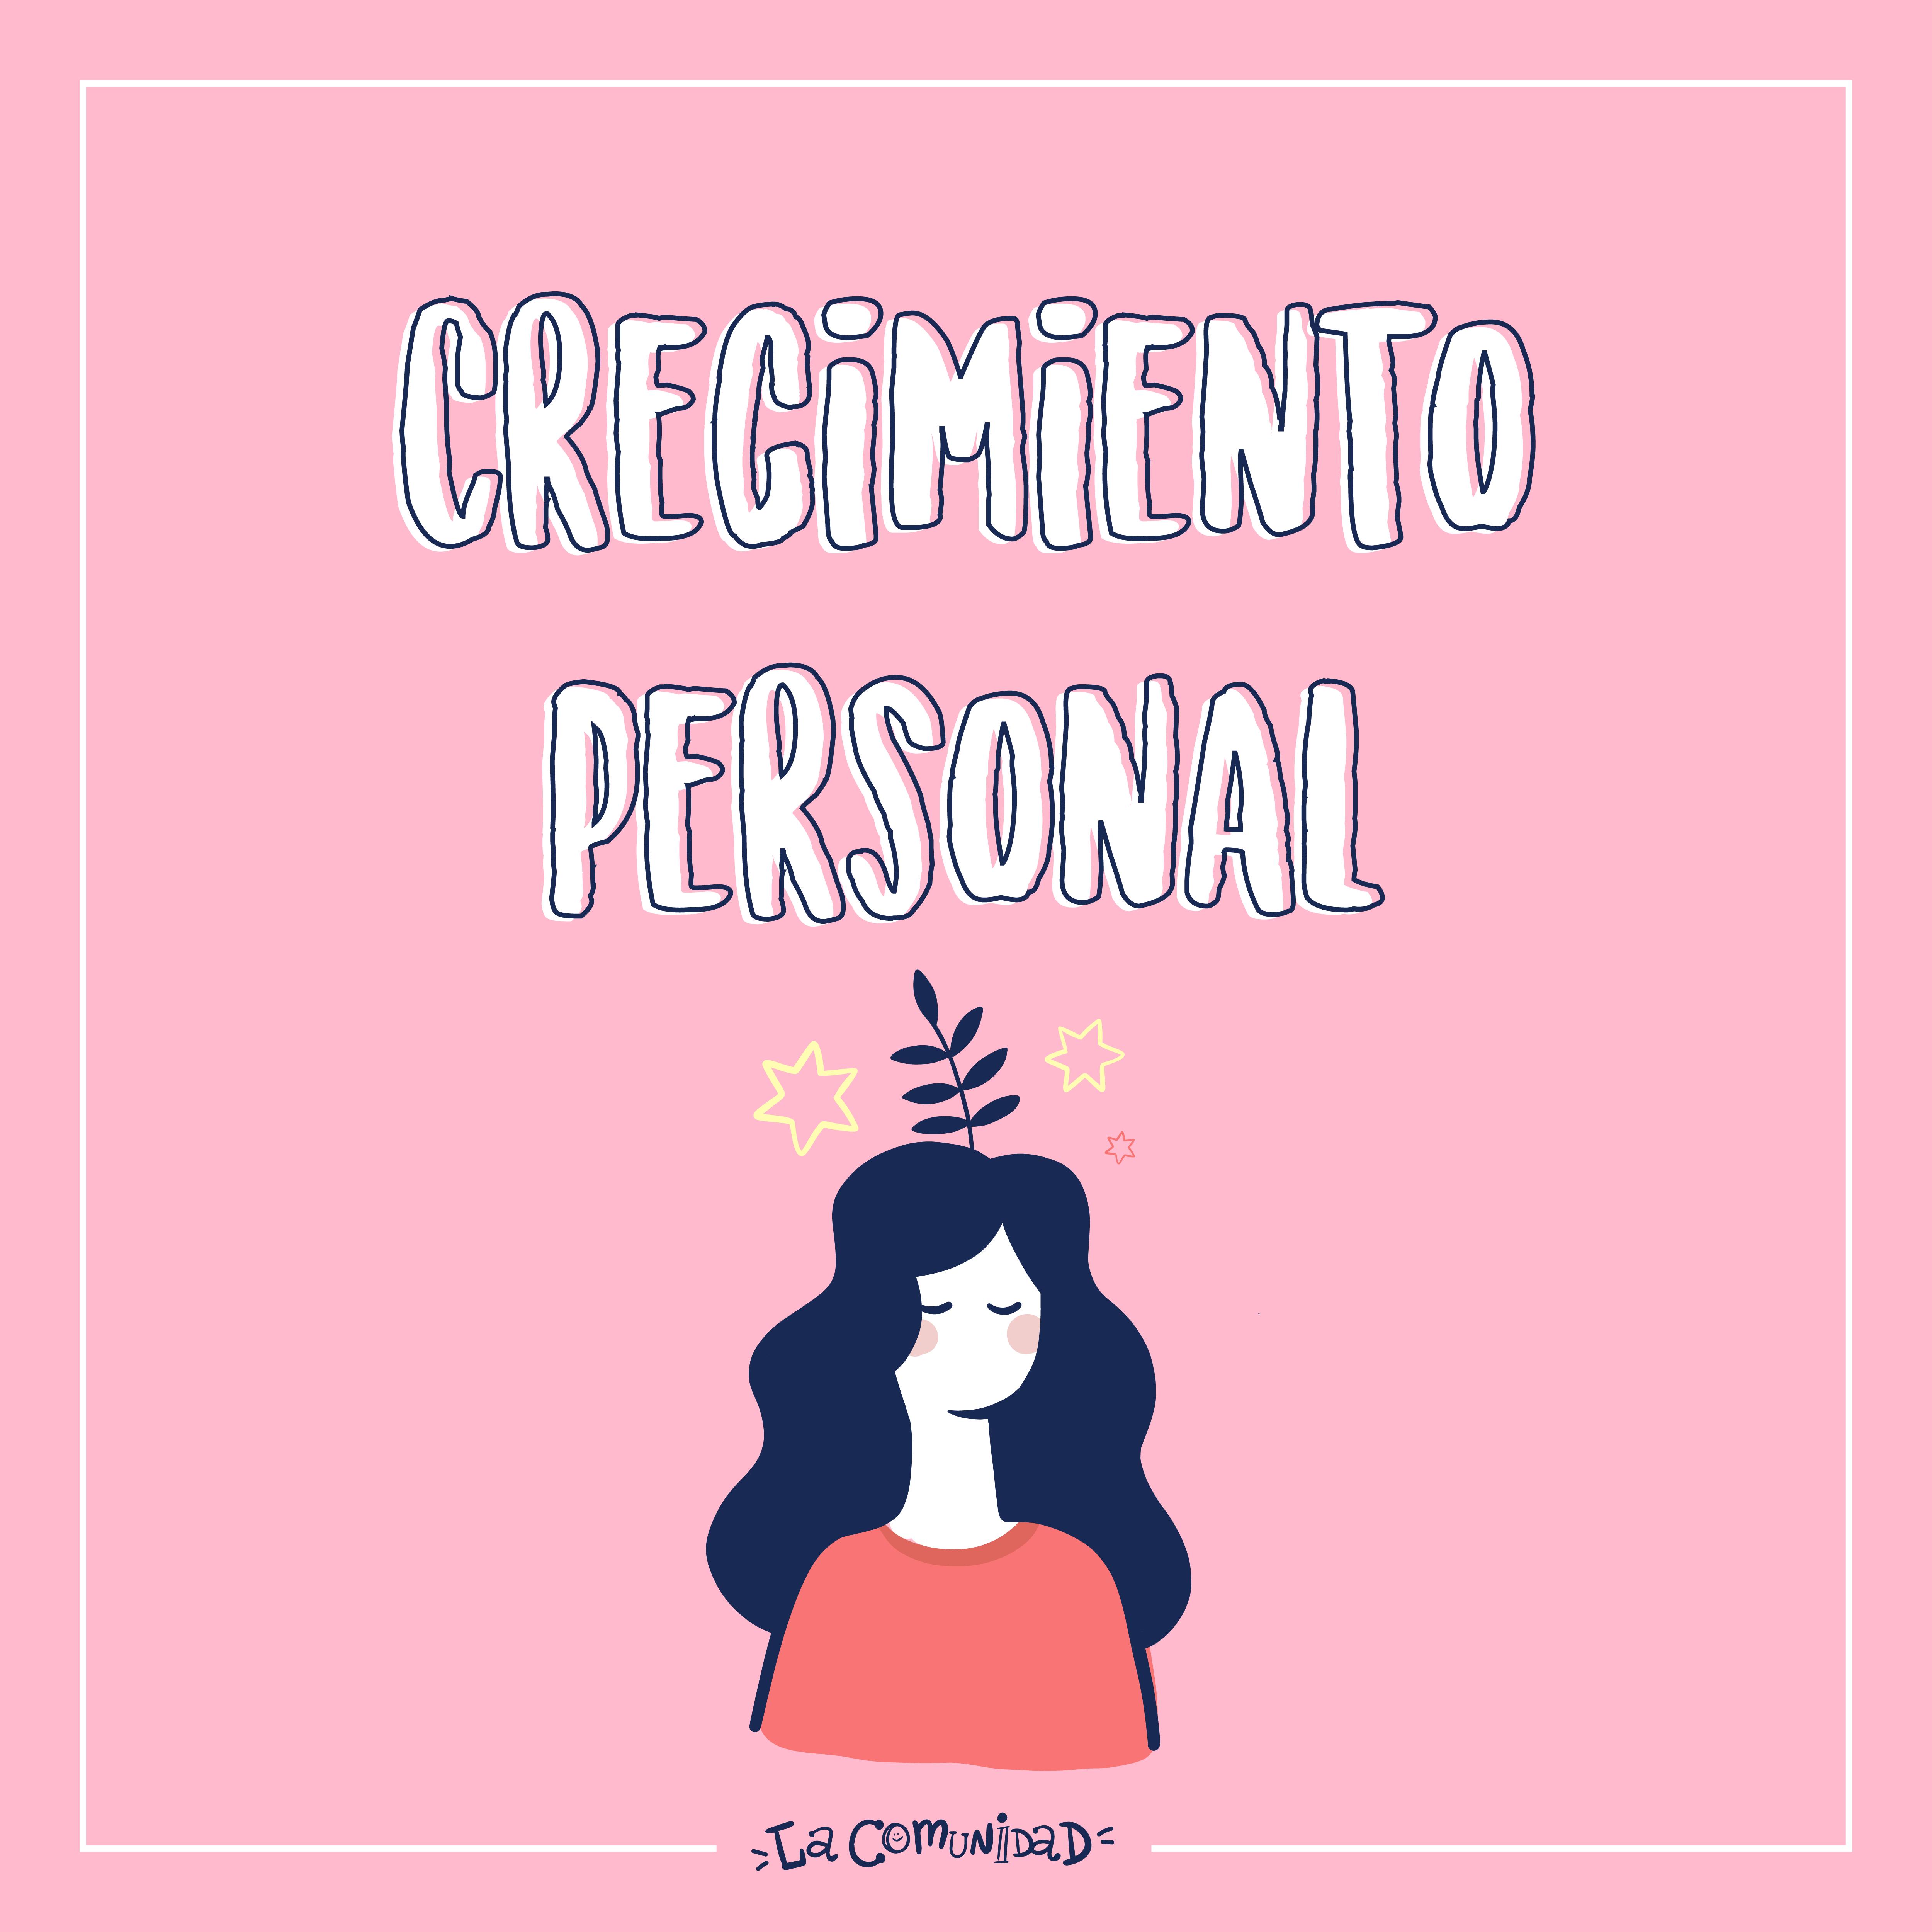 Crecimiento Personal